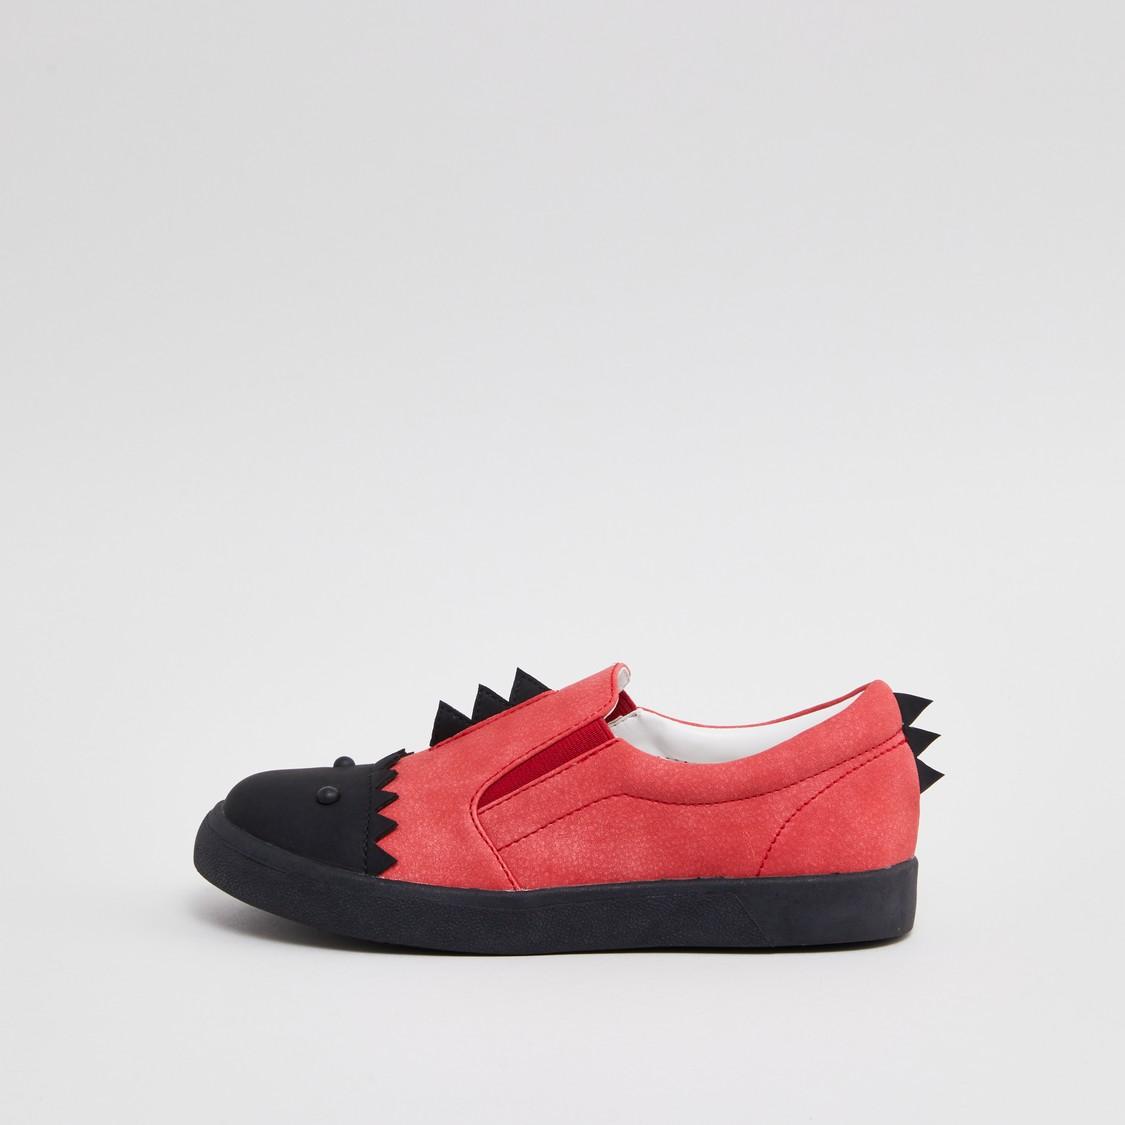 Applique Detail Slip On Shoes